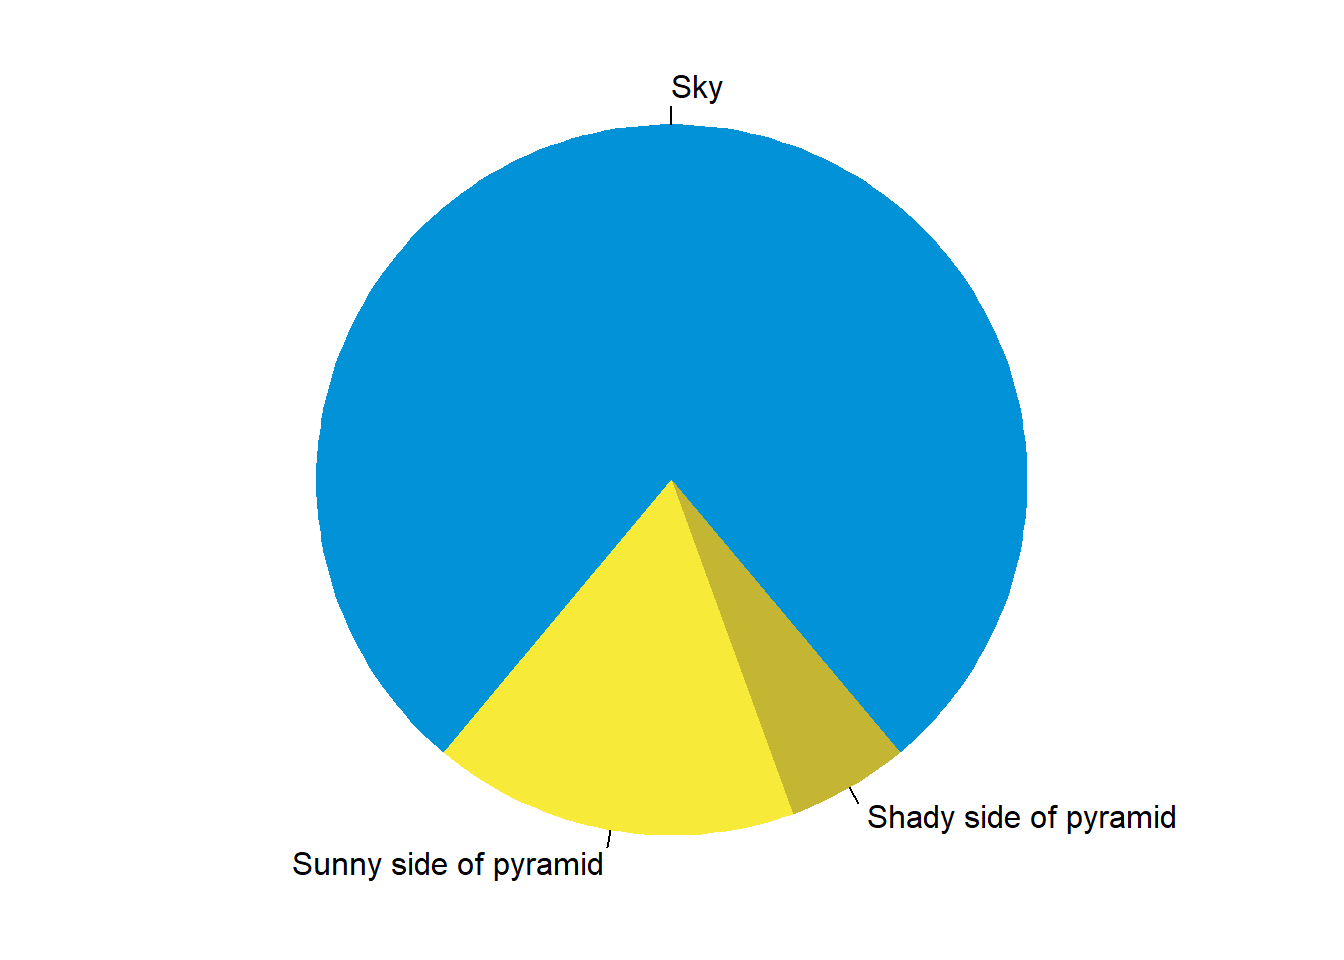 A fancy pie chart.